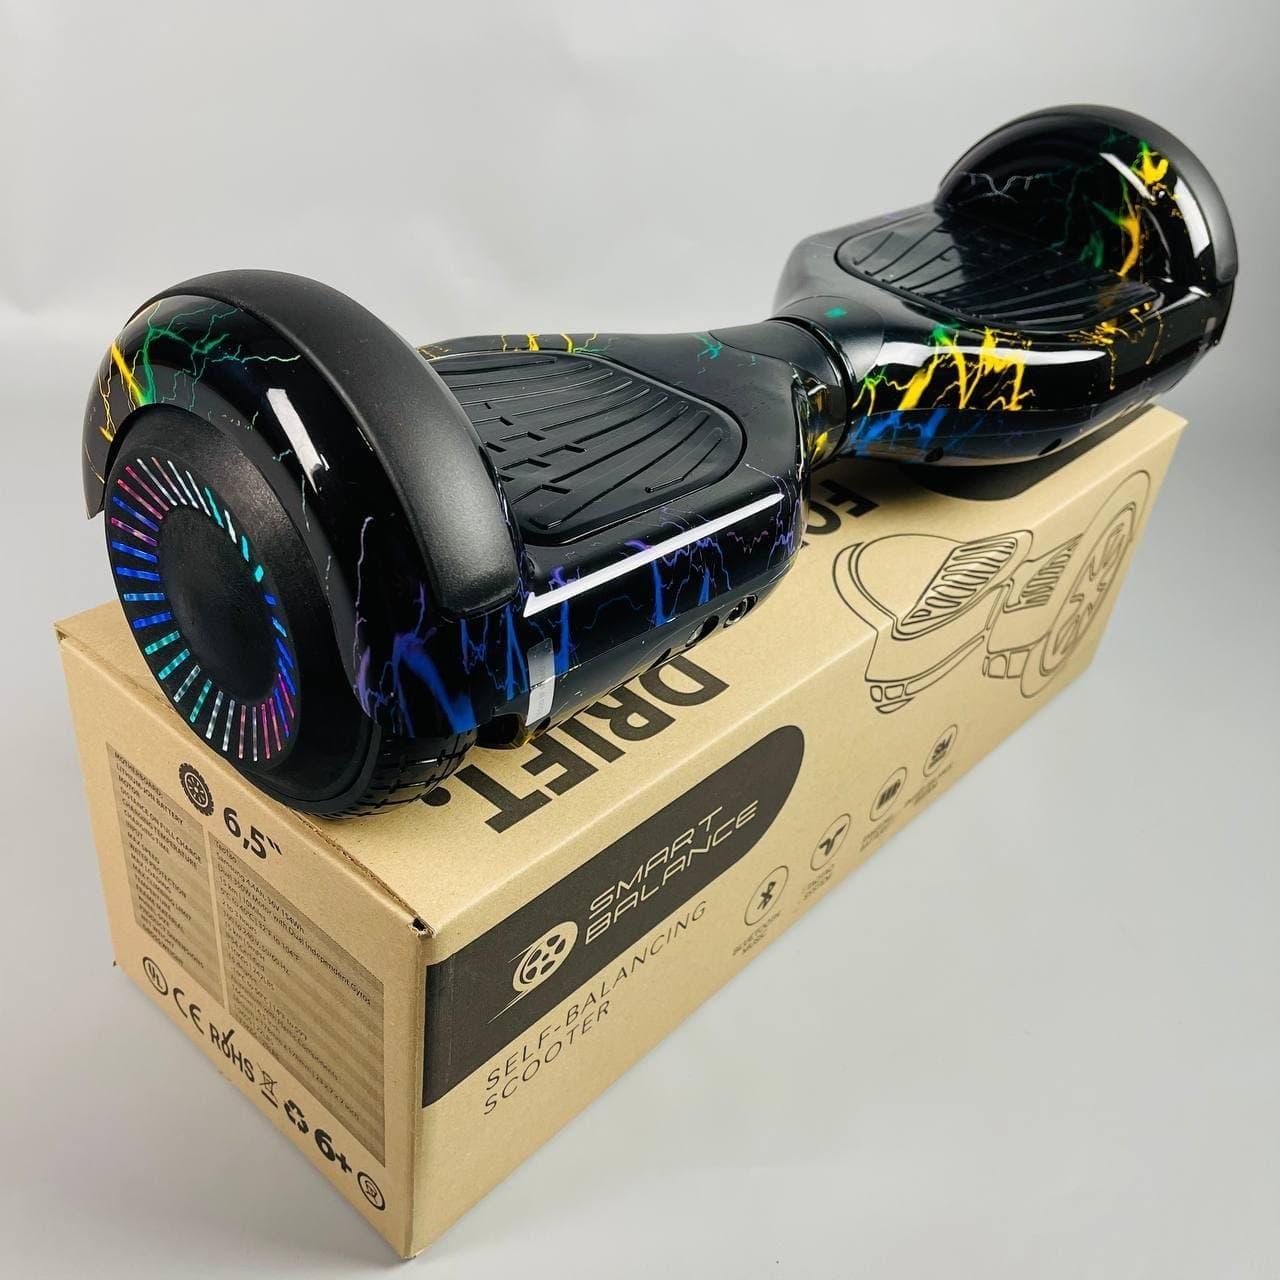 Гироскутер Smart Balance Wheel Pro 6.5 Цветная молния самобаланс | Гироборд Смарт Баланс черный с подсветкой